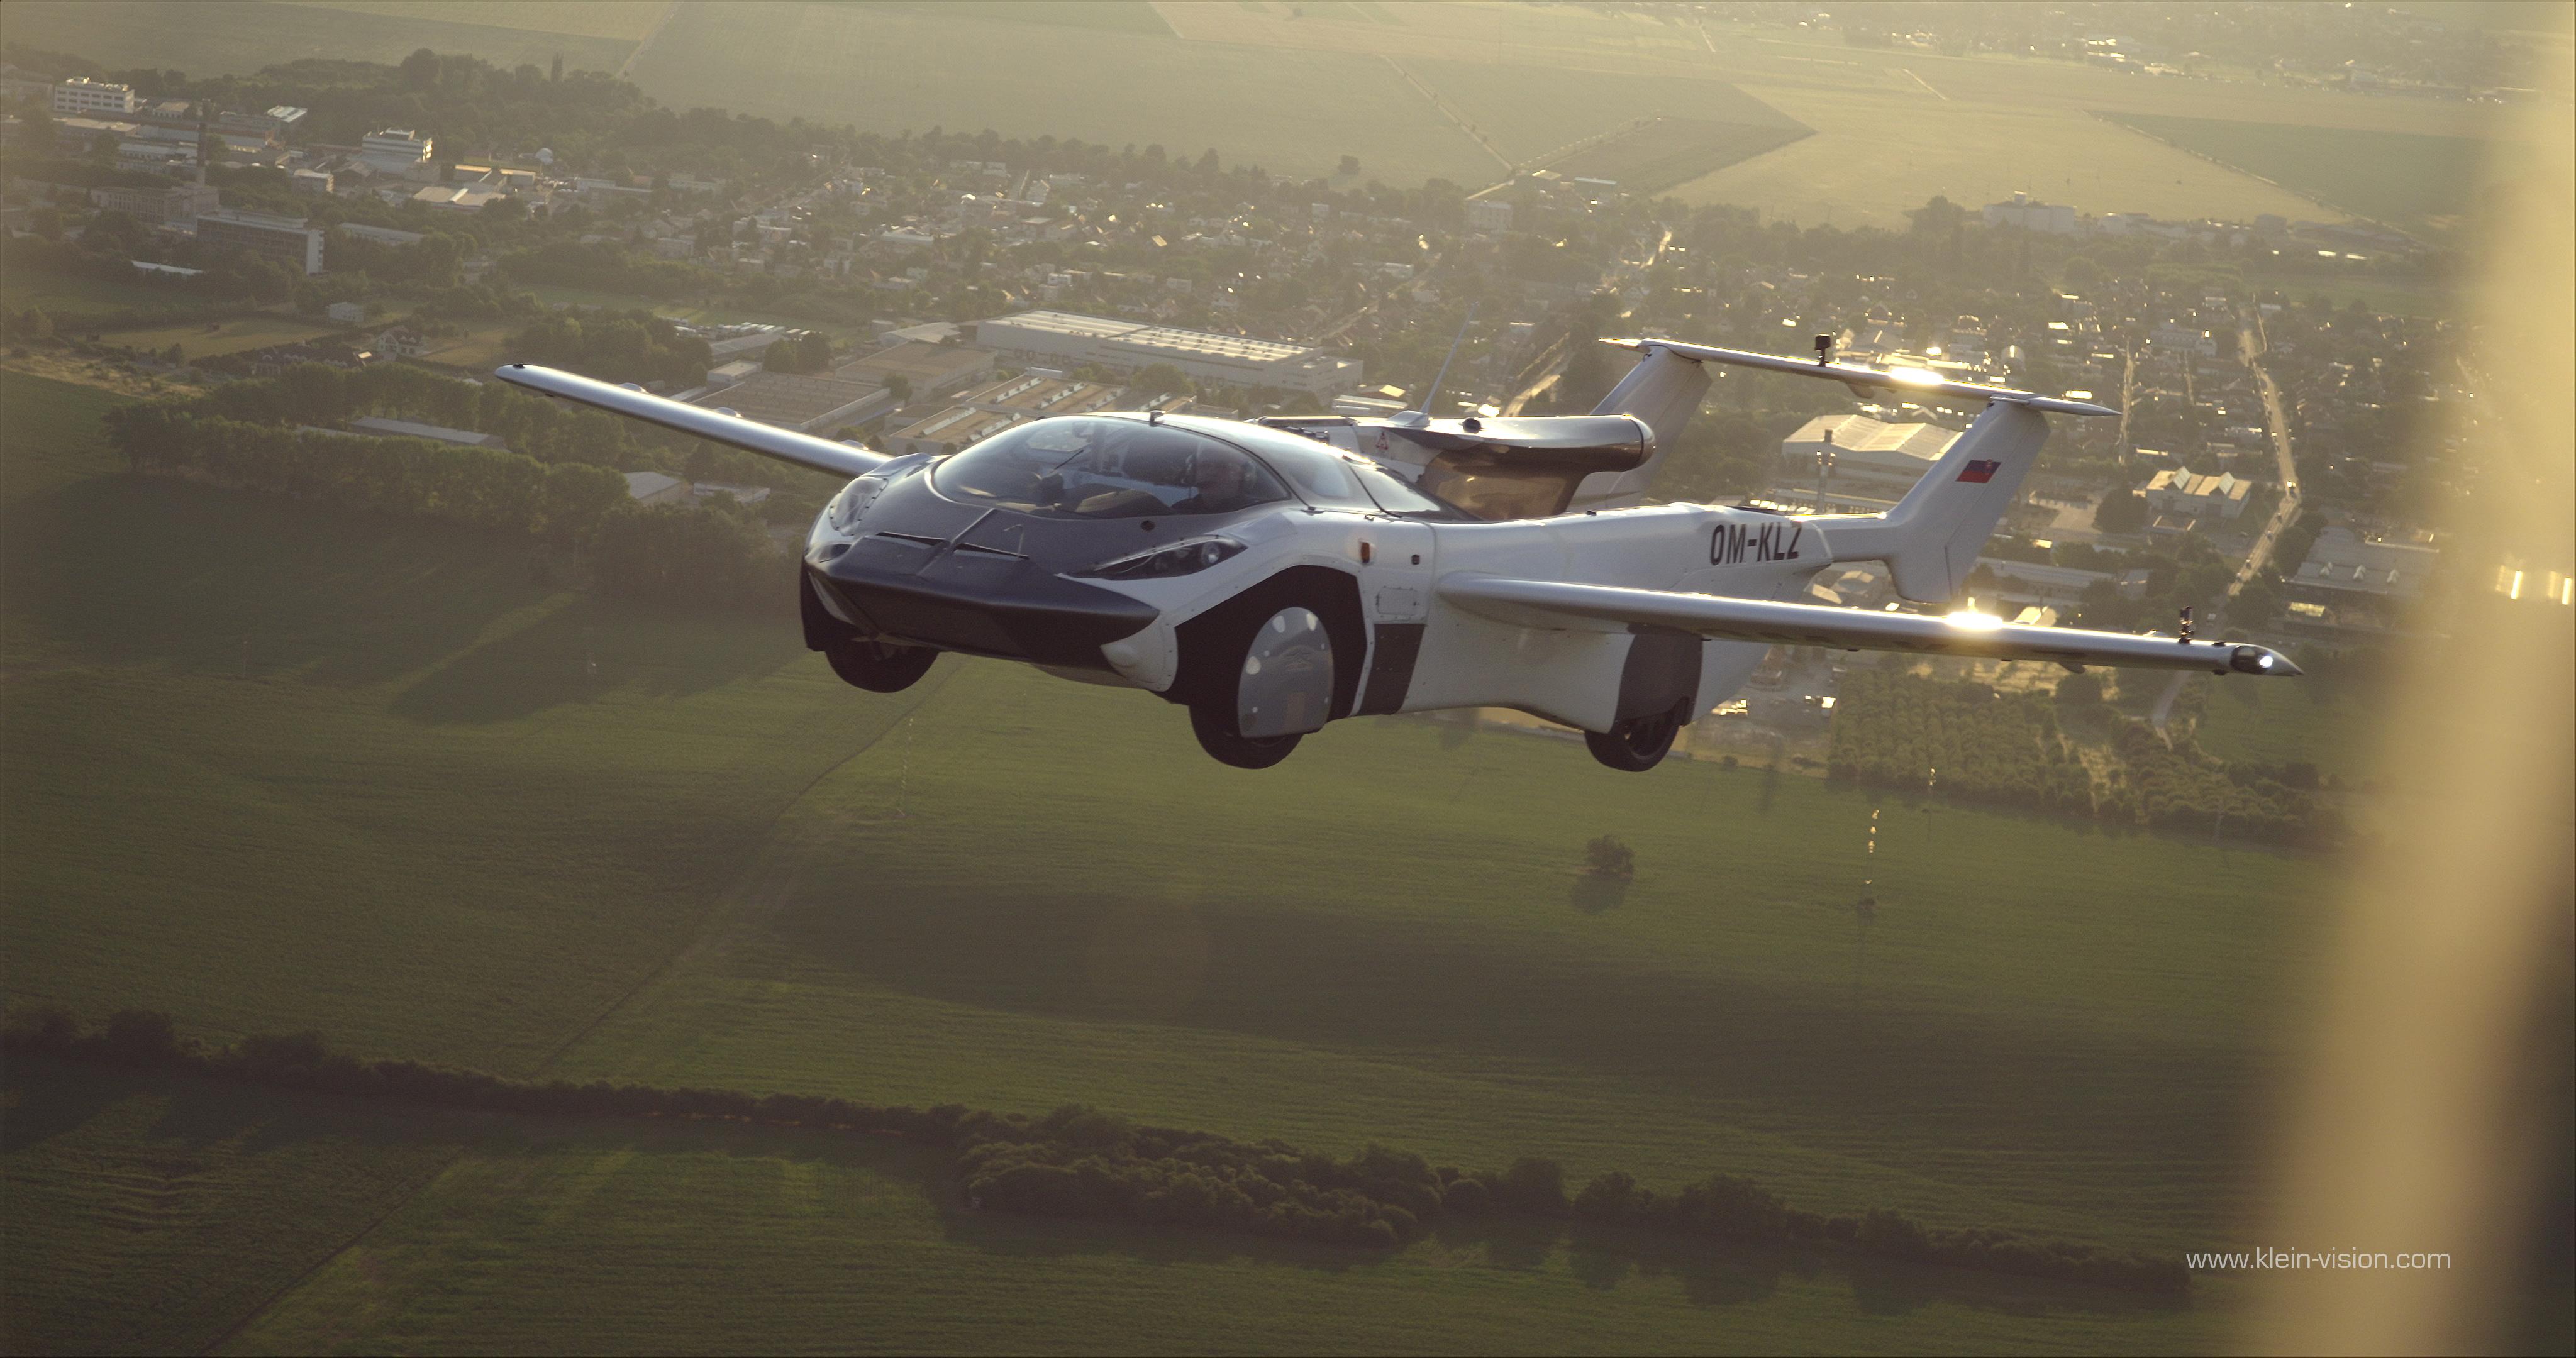 Добро пожаловать в будущее: летающий автомобиль-трансформер AirCar совершил первый в истории перелет между городами